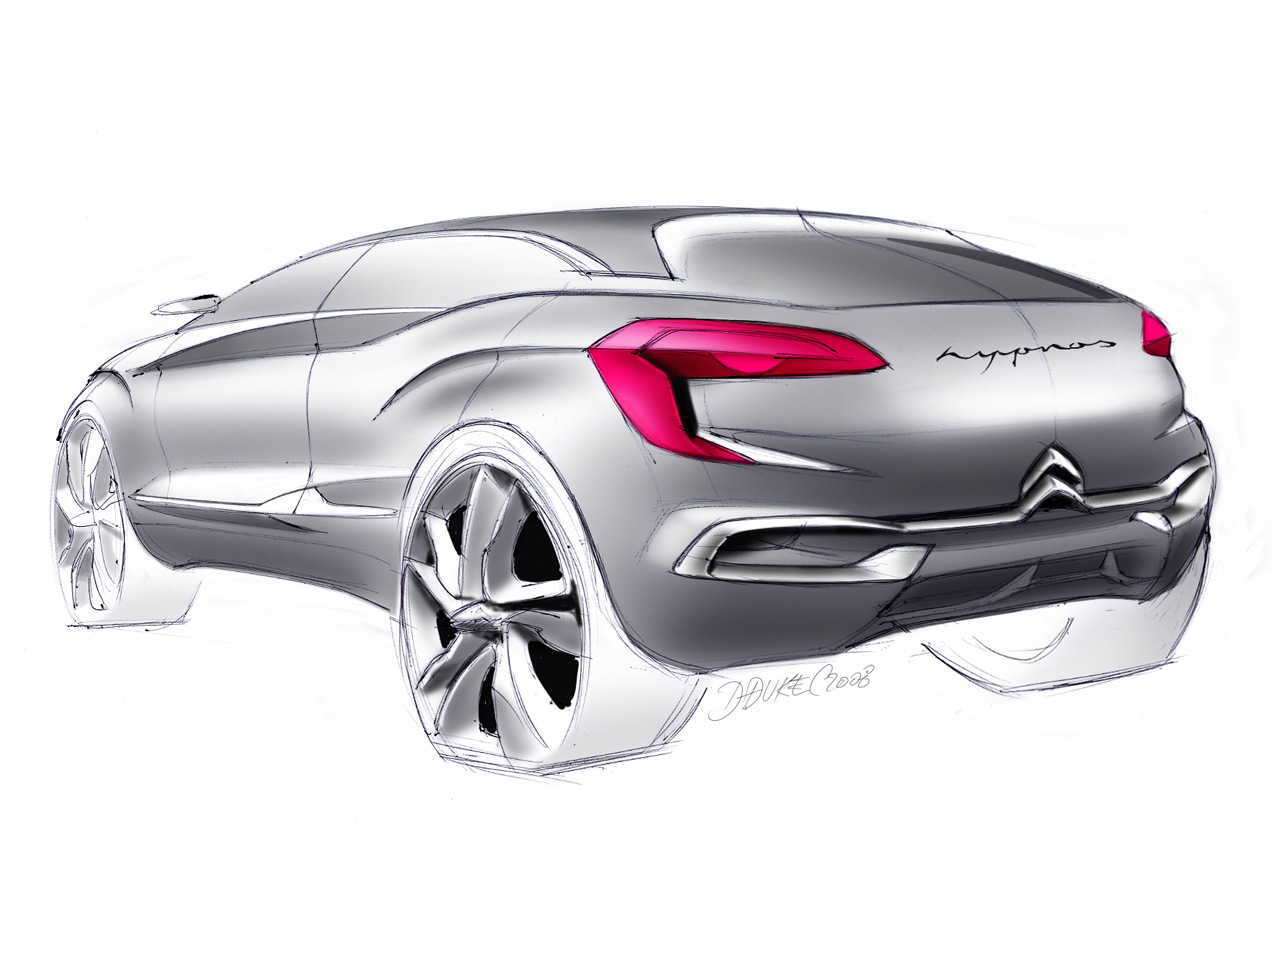 [Présentation] Le design par Citroën - Page 15 _Citroen-Hypnos-Concept-design-sketch-lg